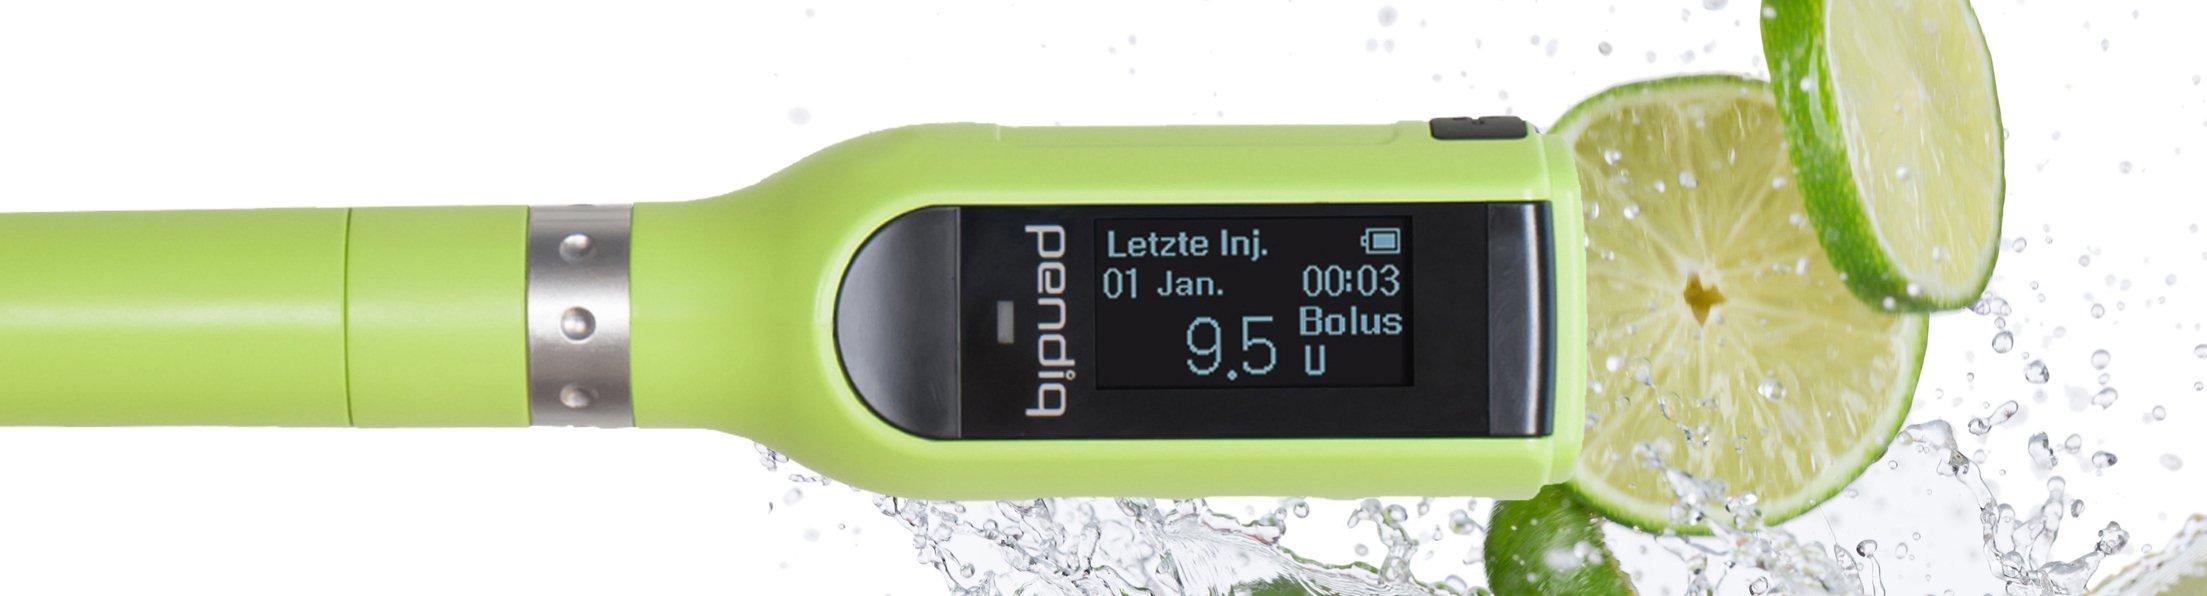 pendiq 2.0 Insulinpen grün mit Limetten dargestellt